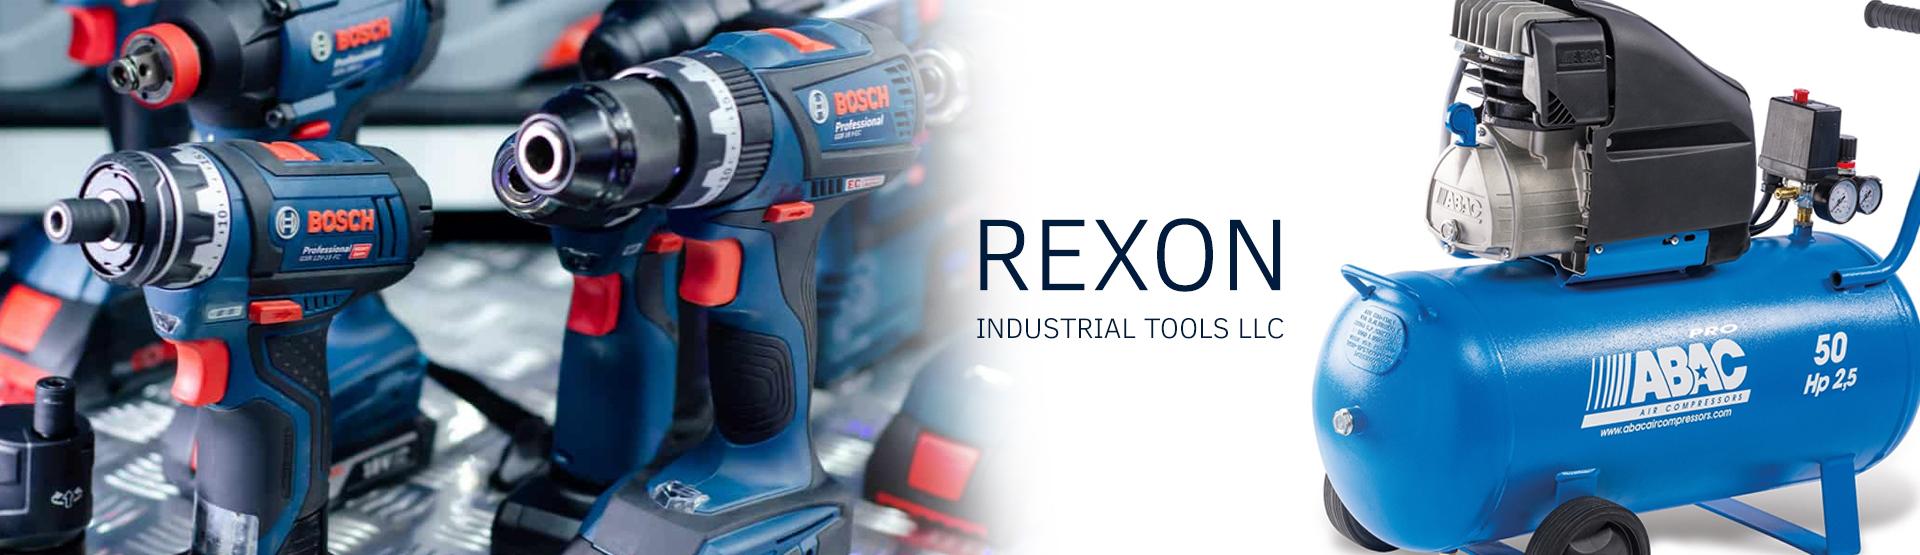 REXON INDUSTRIAL TOOLS LLC